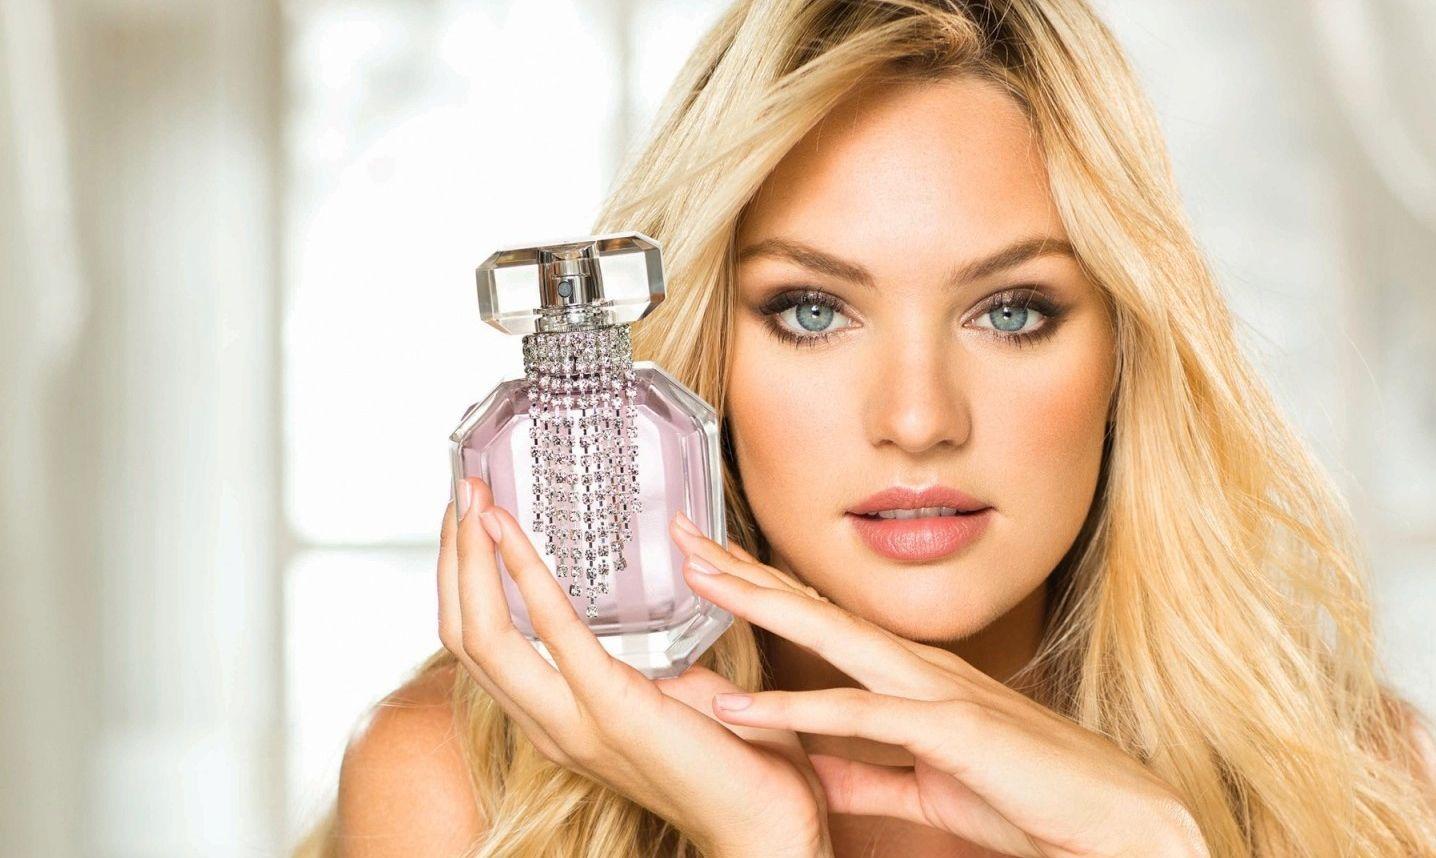 Candice Swanepoel Pics - Victoria's Secret Bombshell Diamonds ...